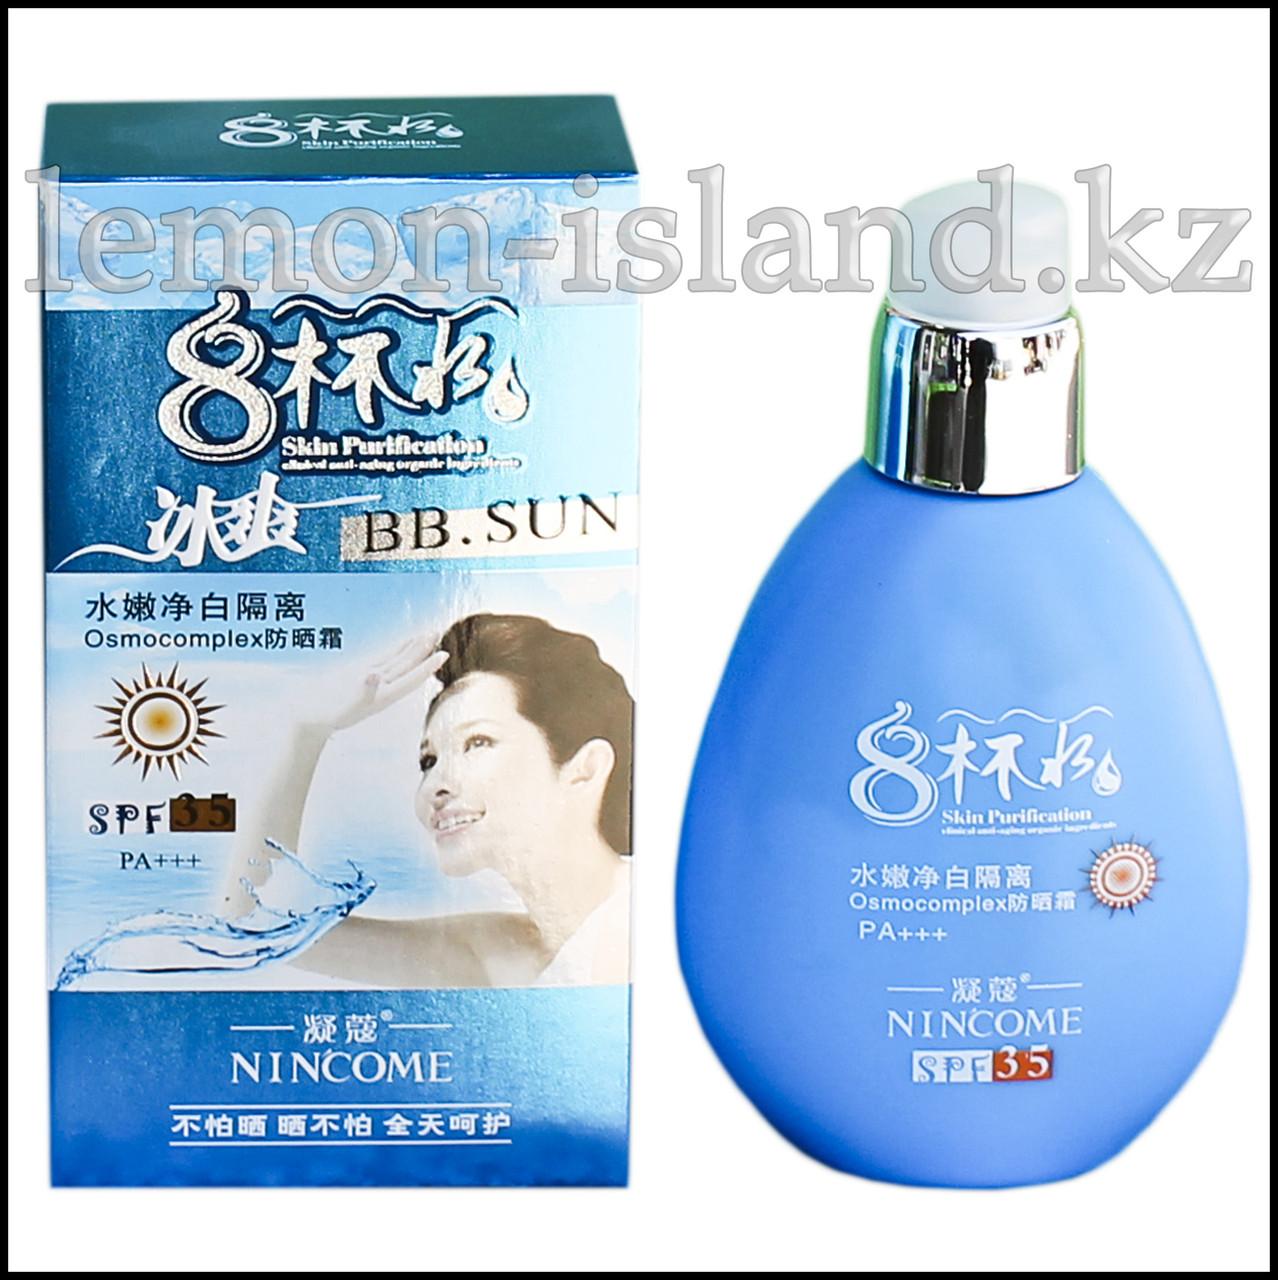 BB-крем со степенью защиты от солнца SPF35+